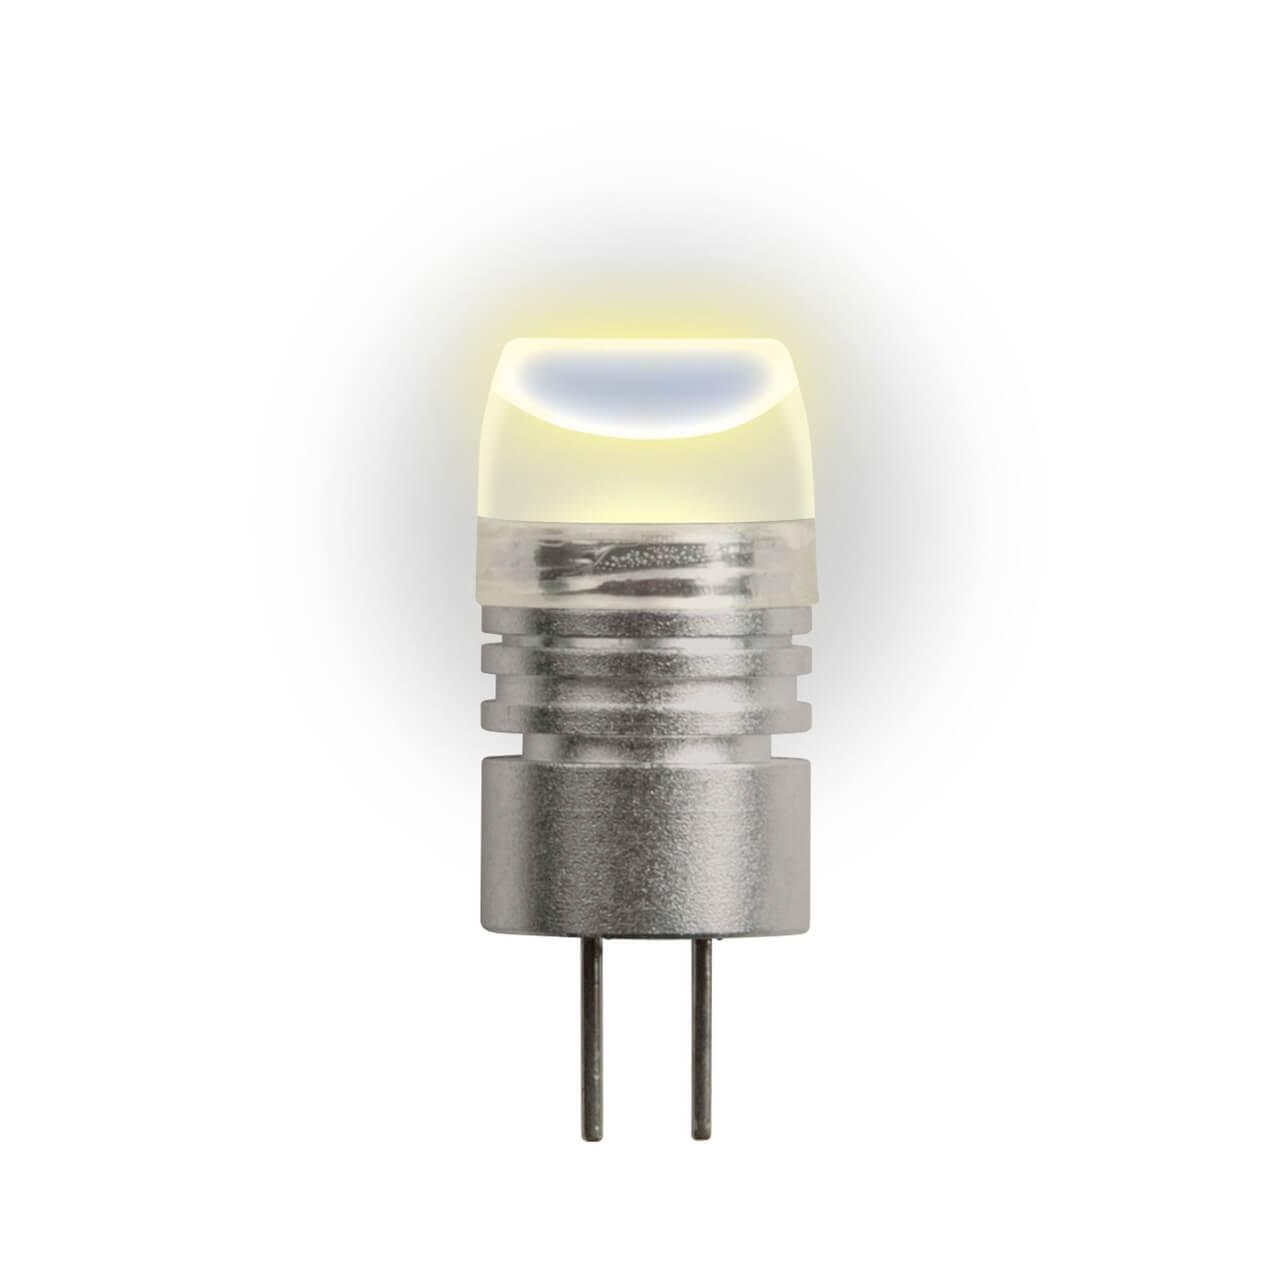 Лампа светодиодная (05854) G4 0,8W 2700K прозрачная LED-JC-12/0,8W/WW/G4 35lm uniel лампа галогенная uniel капсула прозрачная g4 35w jc 220 35 g4 cl 02585